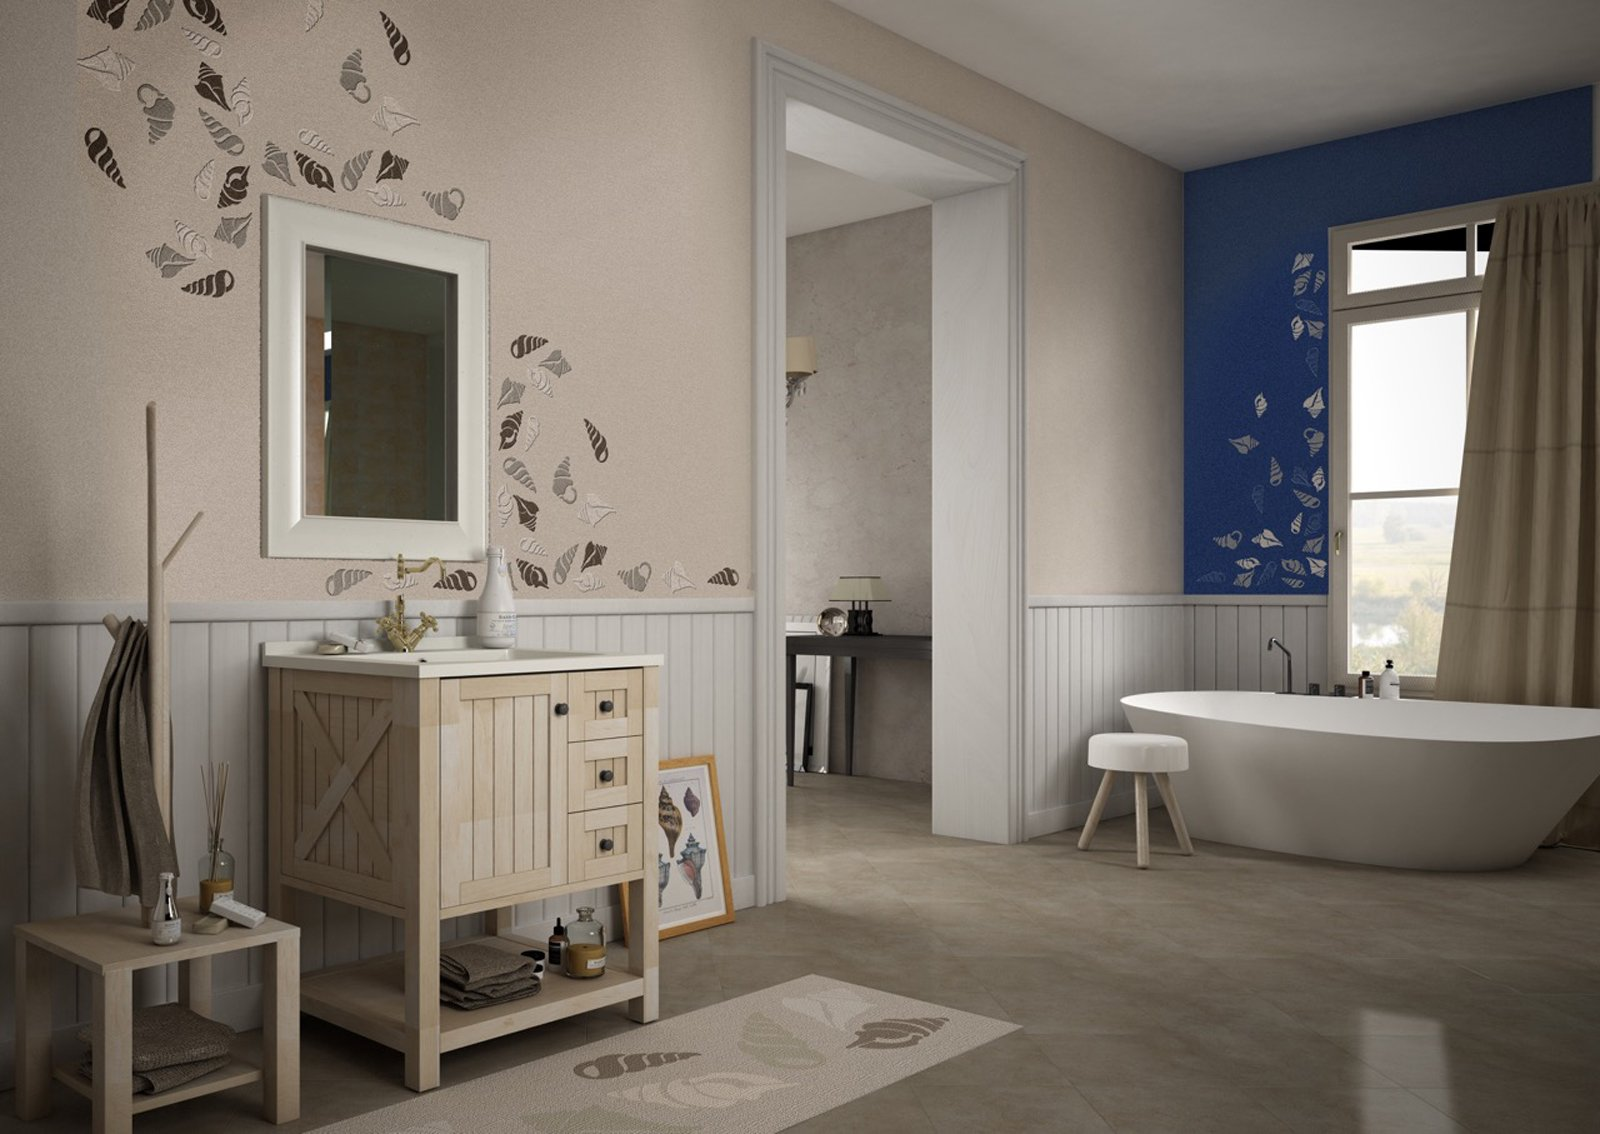 Rinnovare il bagno senza togliere le piastrelle risparmiando anche tempo cose di casa - Piastrelle per casa ...